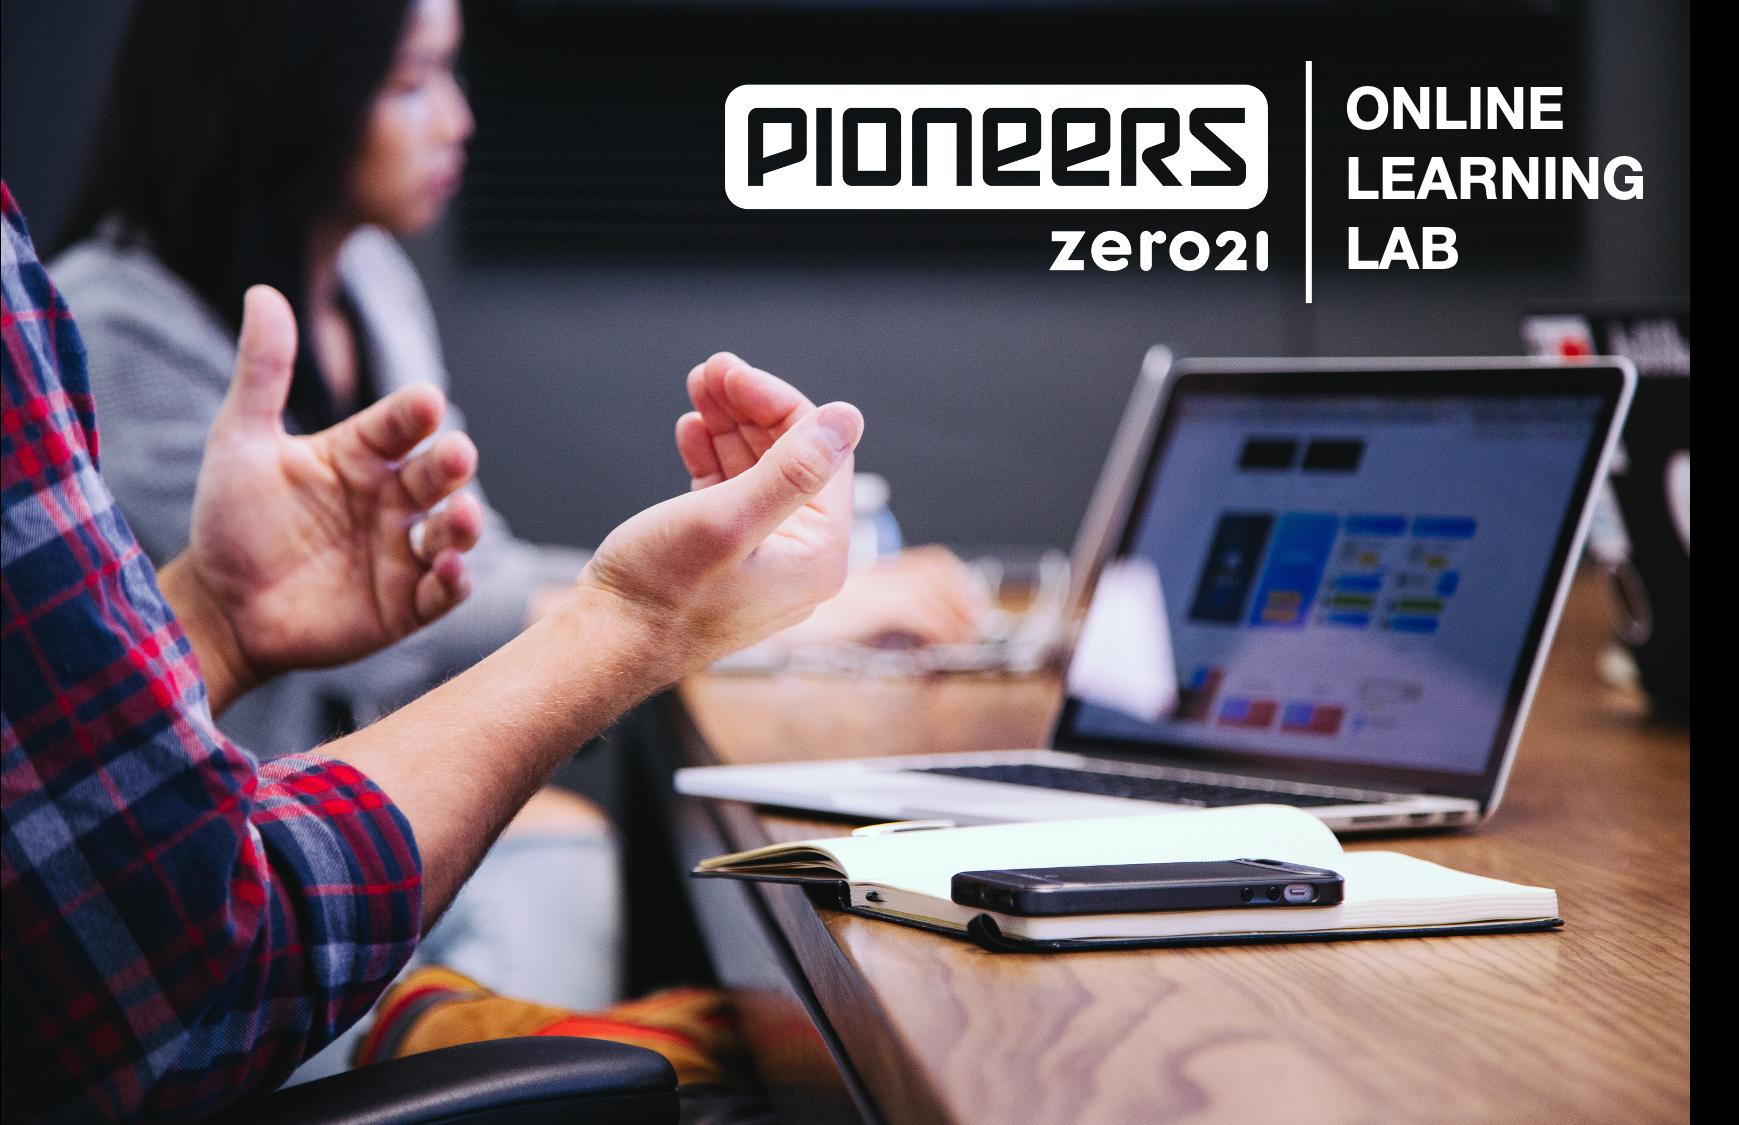 pioneers online learning